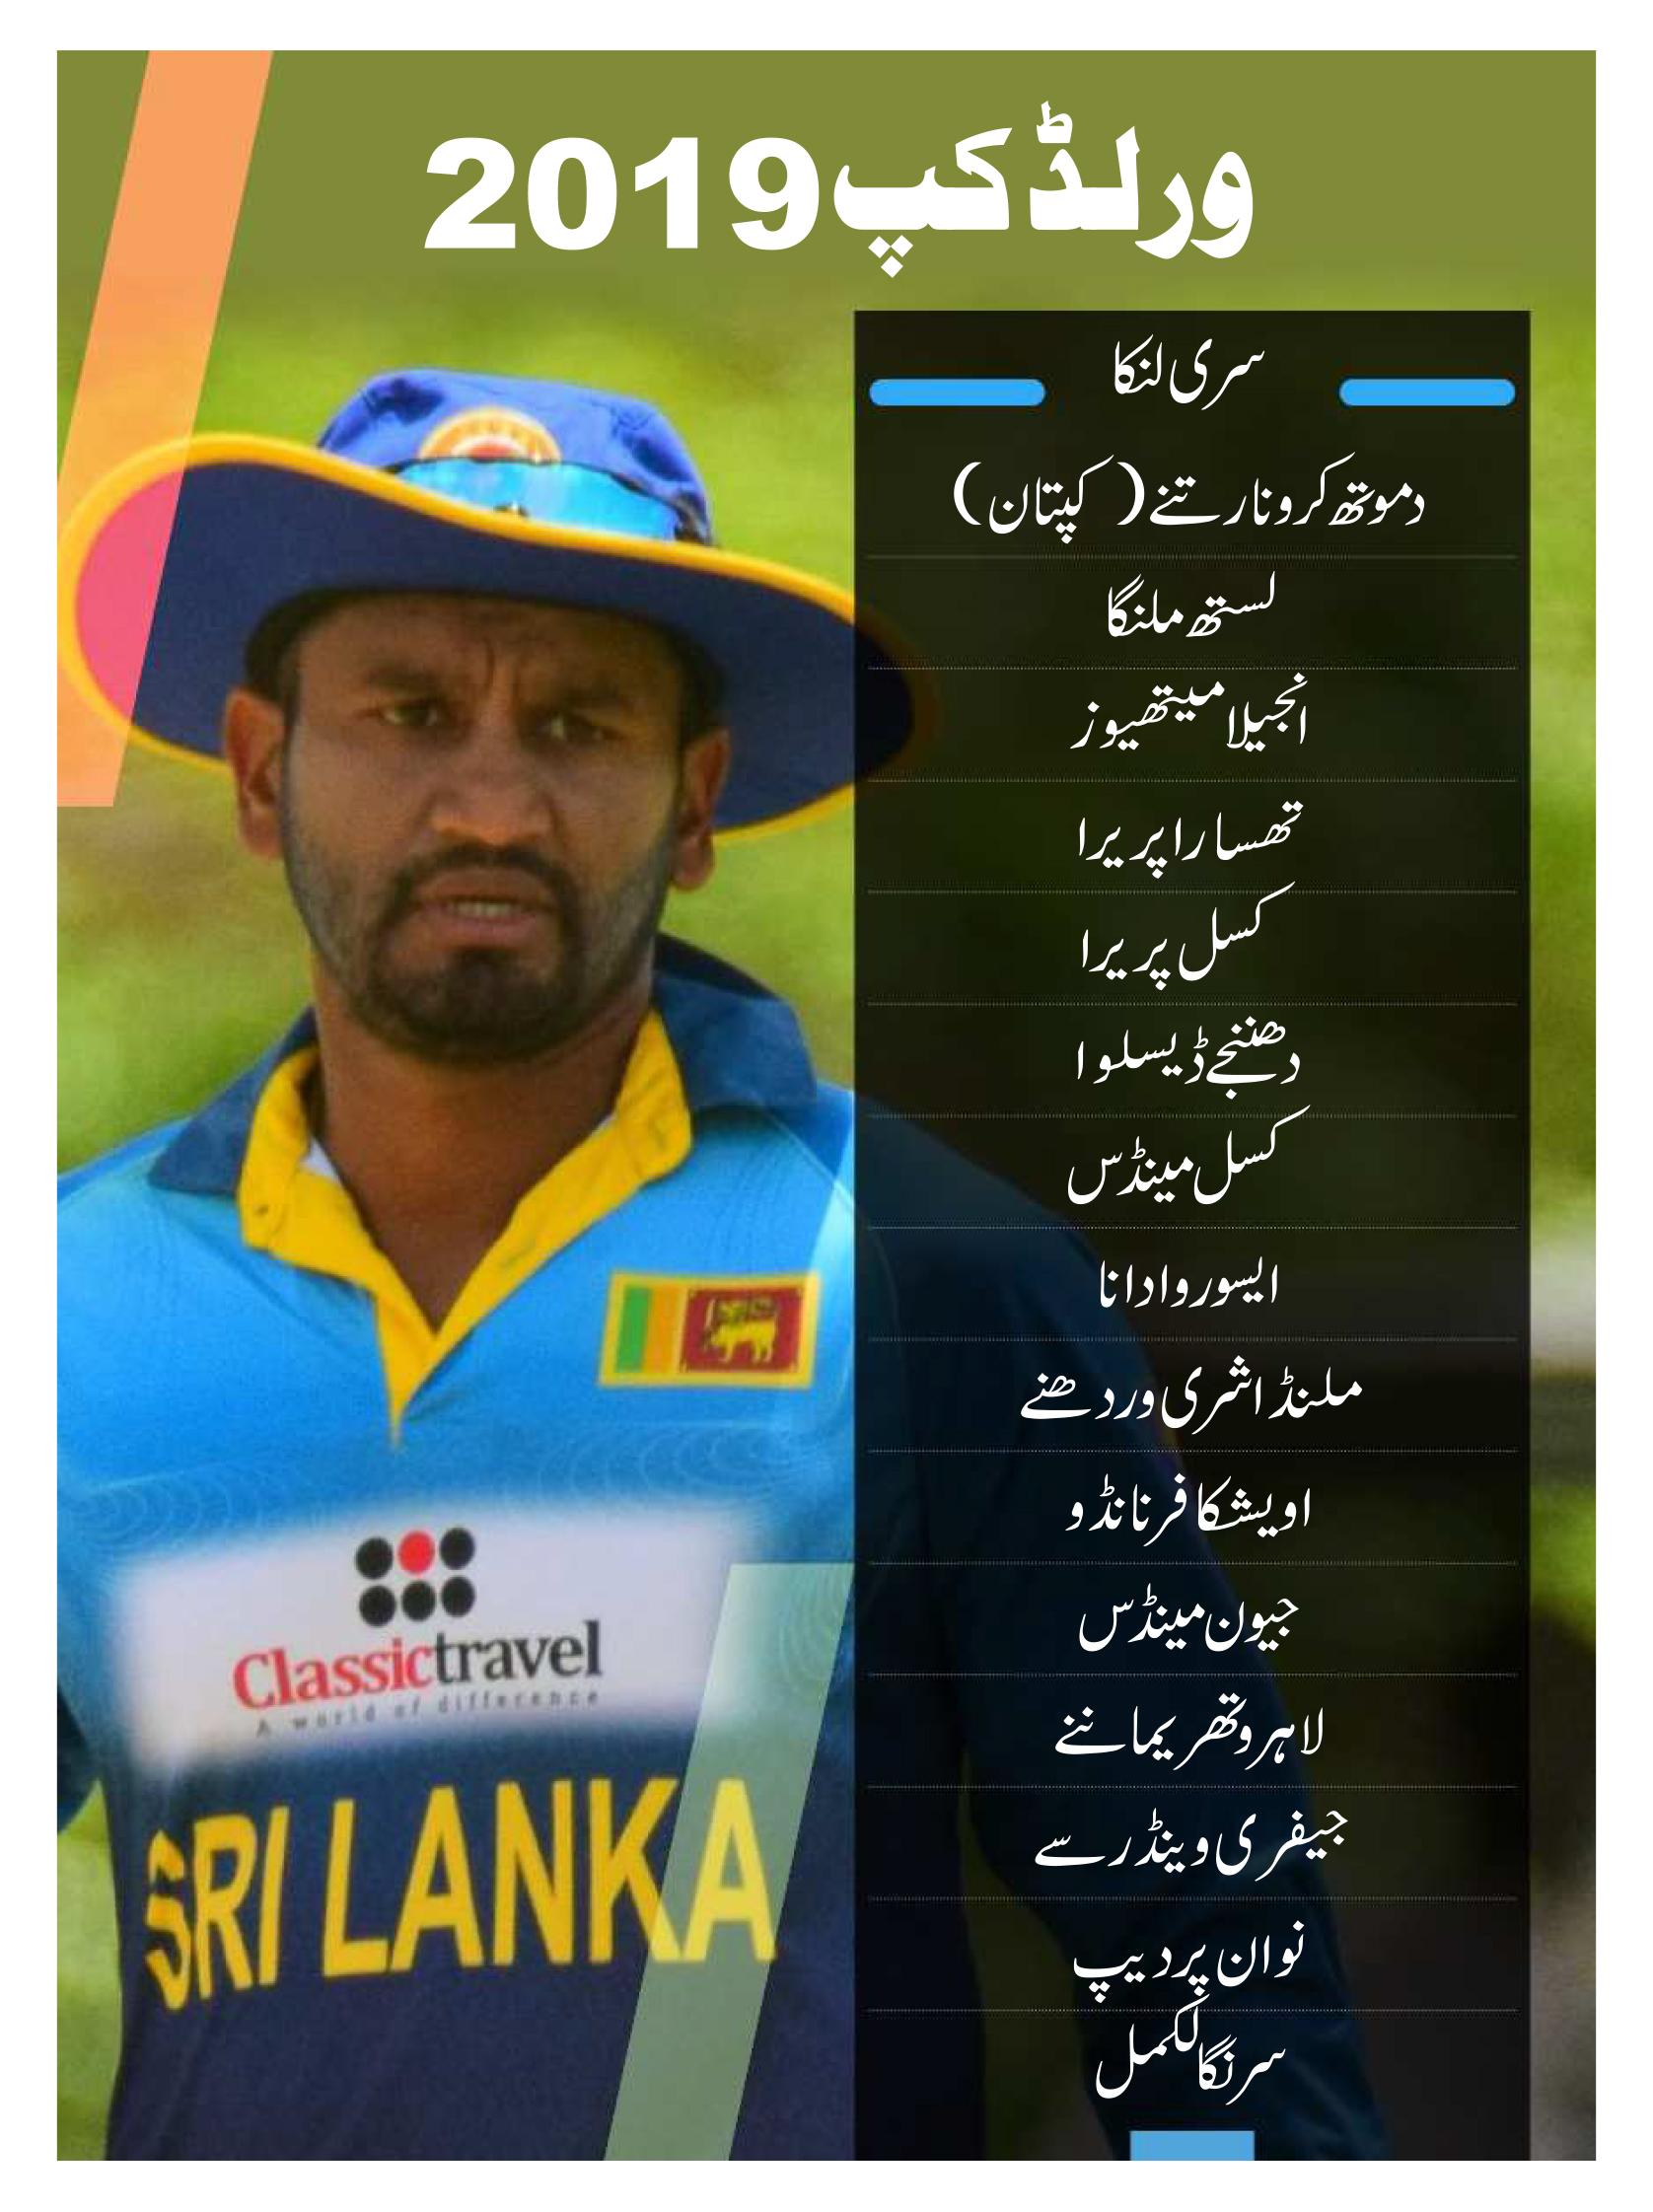 سری لنکا نے اس میگا ایونٹ میں ابتک اچھی کارکردگی کا مظاہرہ کیا ہے ۔ 1996 میں آسٹریلیا کو ہراکر فاتح بننے والی یہ ٹیم 2007 اور 2011 میں سکینڈ رنر اپ رہی تھی ۔